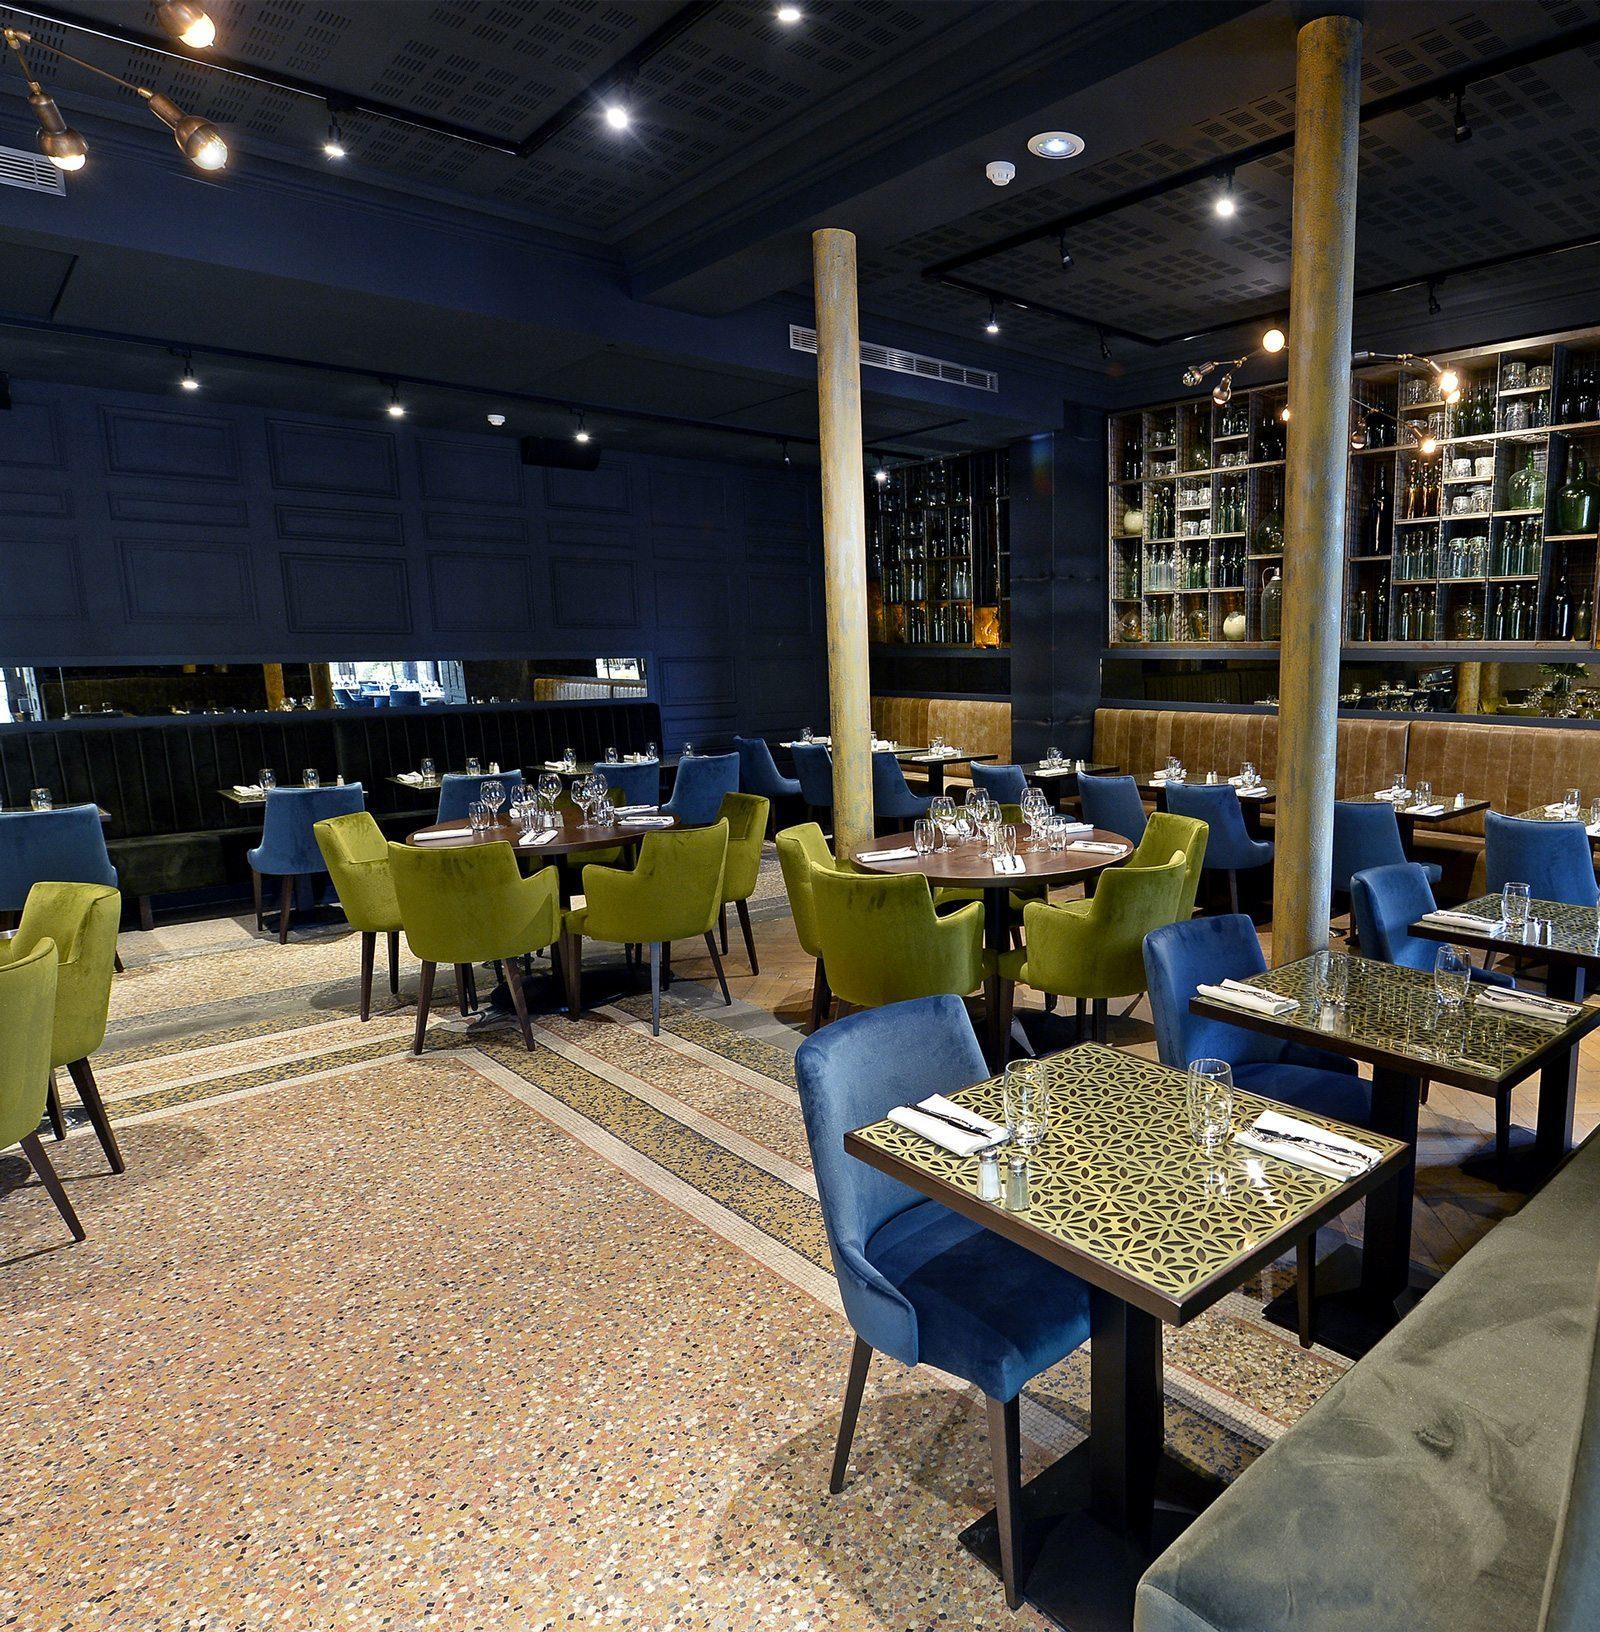 La maison bar club avec terrasse lyon heure bleue lyon for La maison club